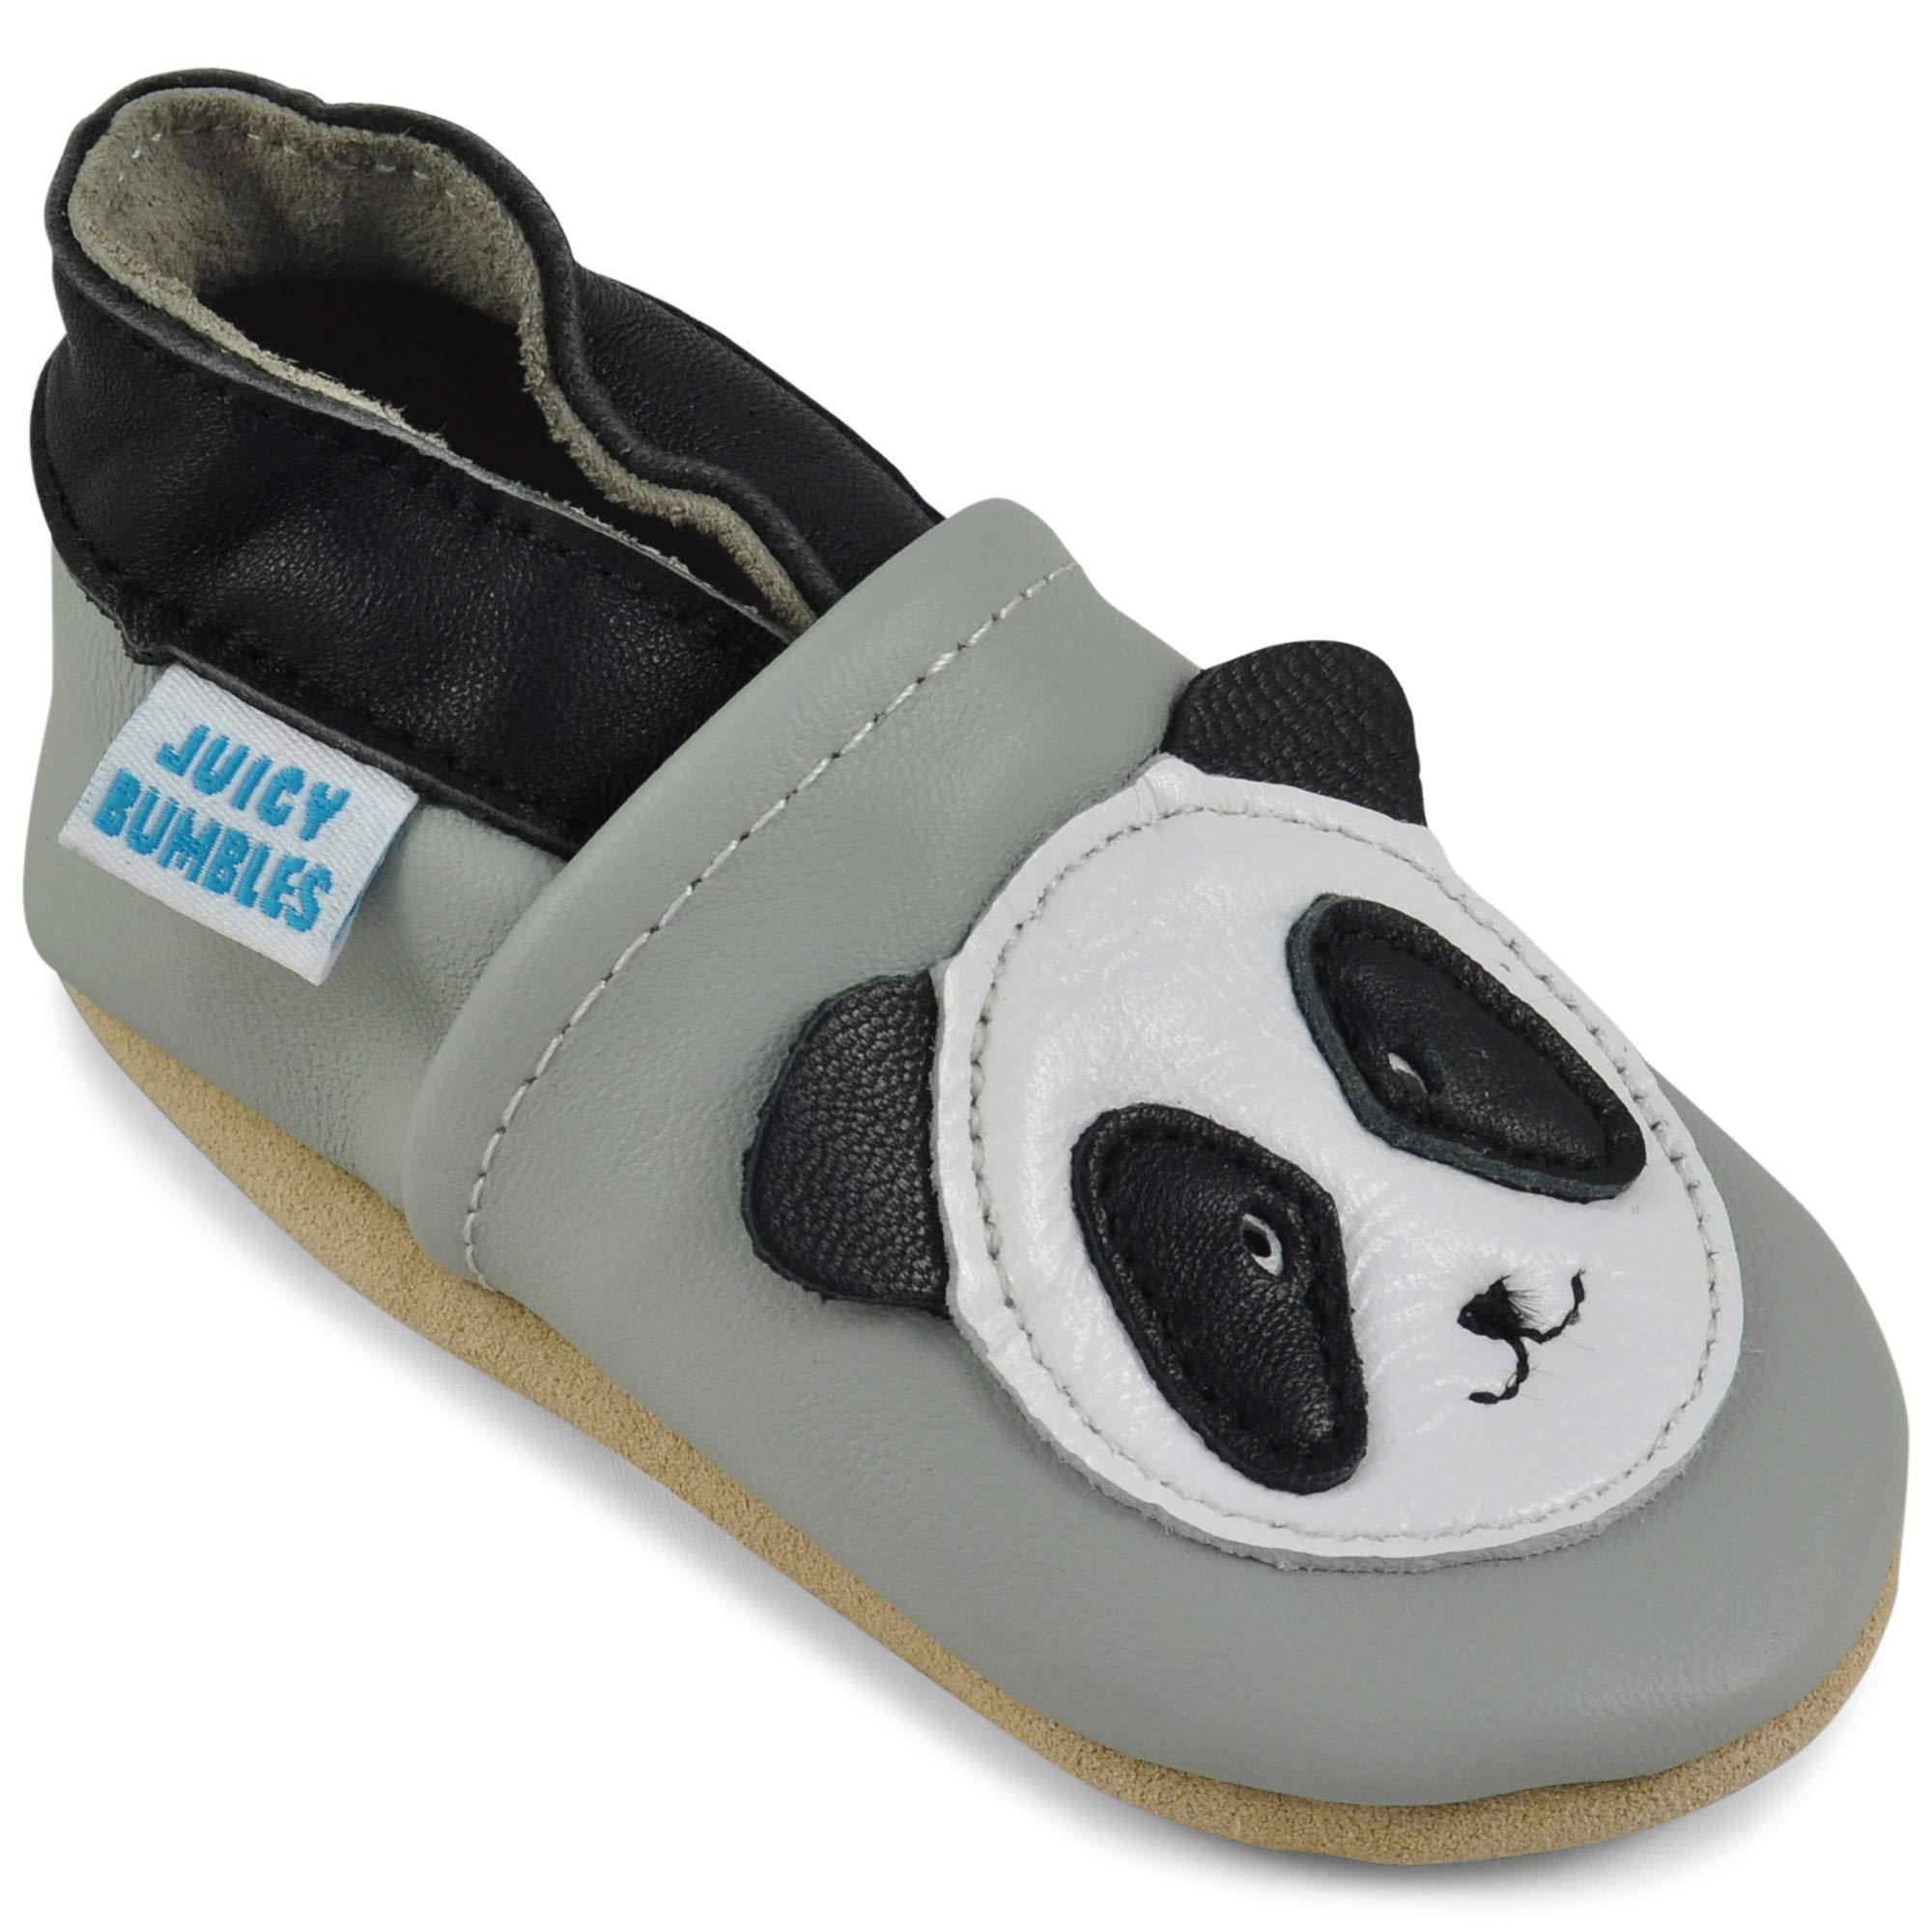 newest 5d9ea ff73f Juicy Bumbles Chaussures Bébé - Chaussons Bébé - Chaussons Cuir Souple -  Chaussures Cuir Souple Premiers